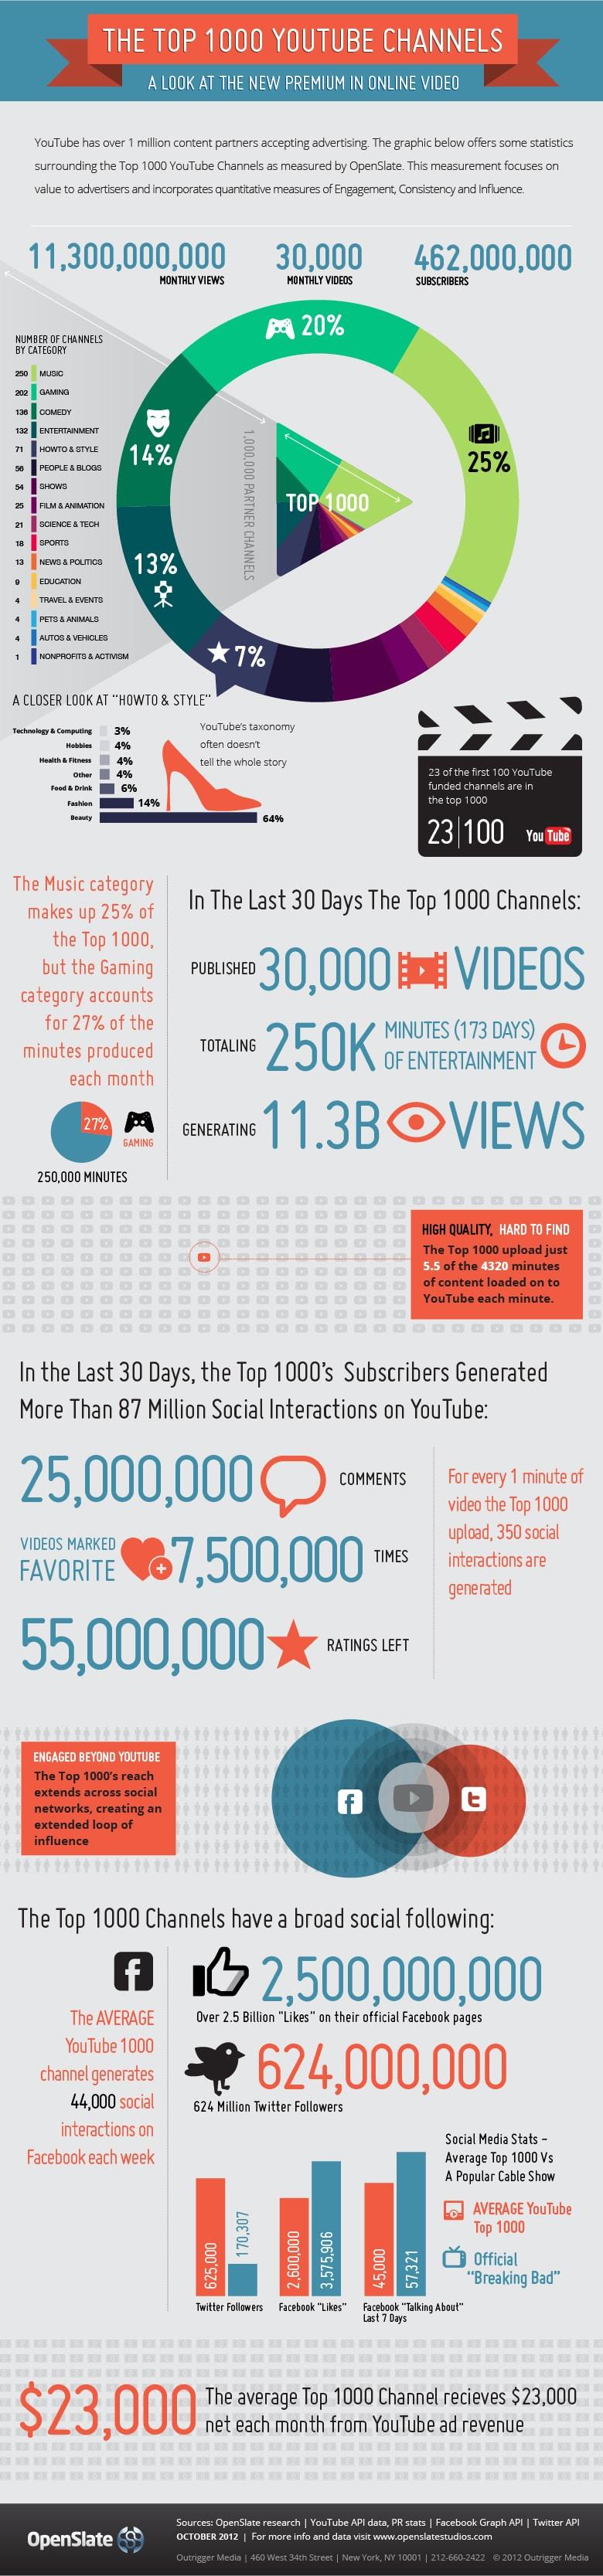 Le Top 1000 Youtube en infographie